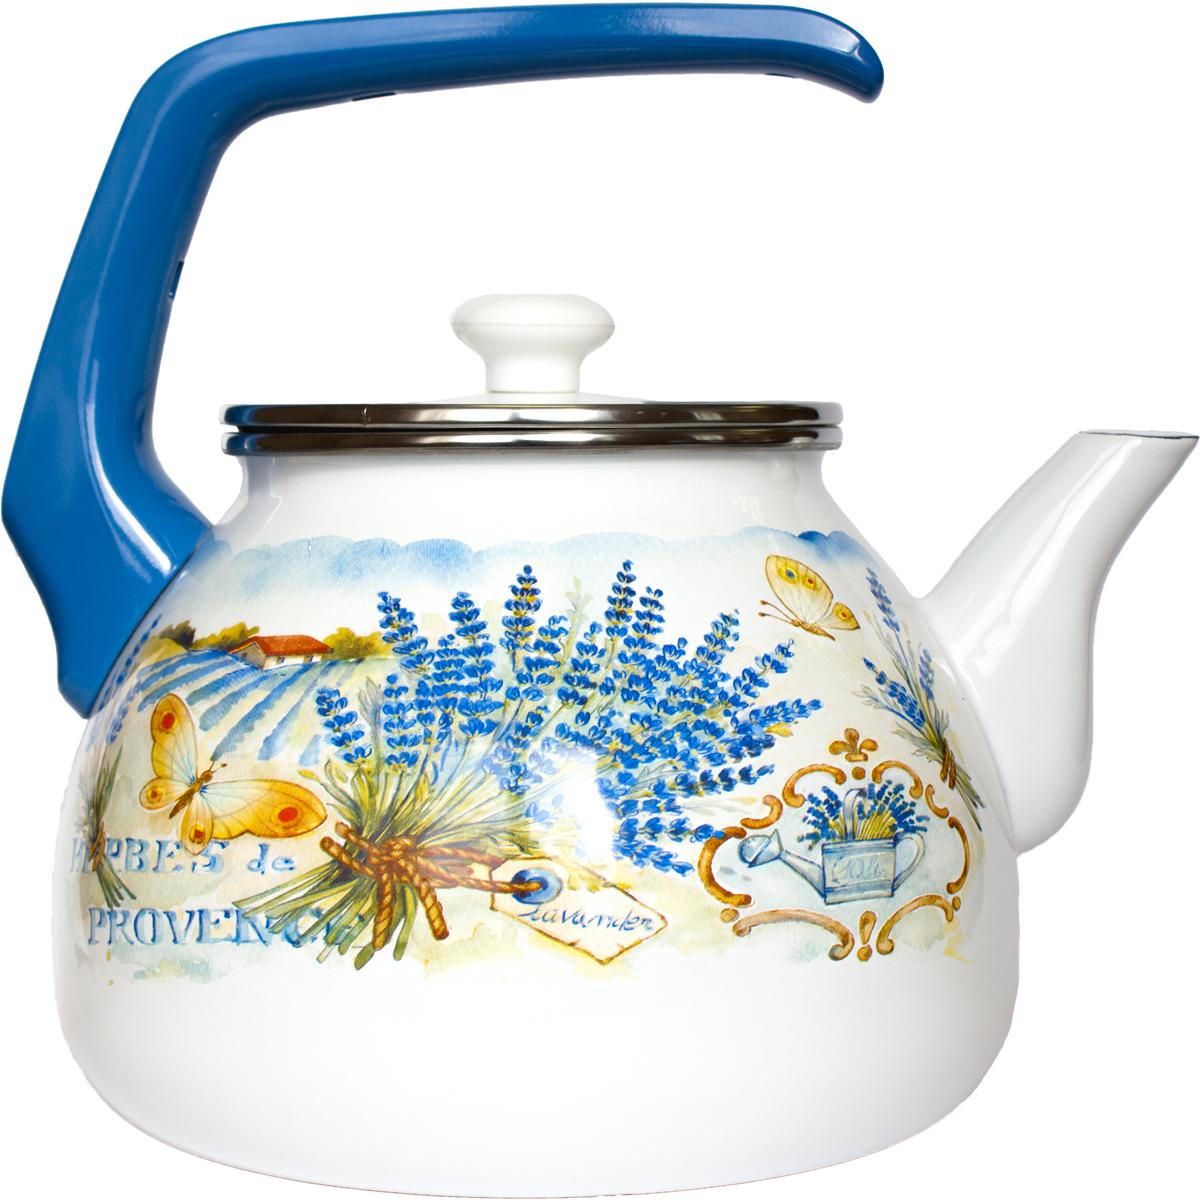 Чайник Interos выполнен из двойного покрытия эмали. Ручка удобной эргономичной формы выполнена из бакелита, не нагревается при использовании. Можно использовать на всех видах плит.Можно мыть в посудомоечной машине.